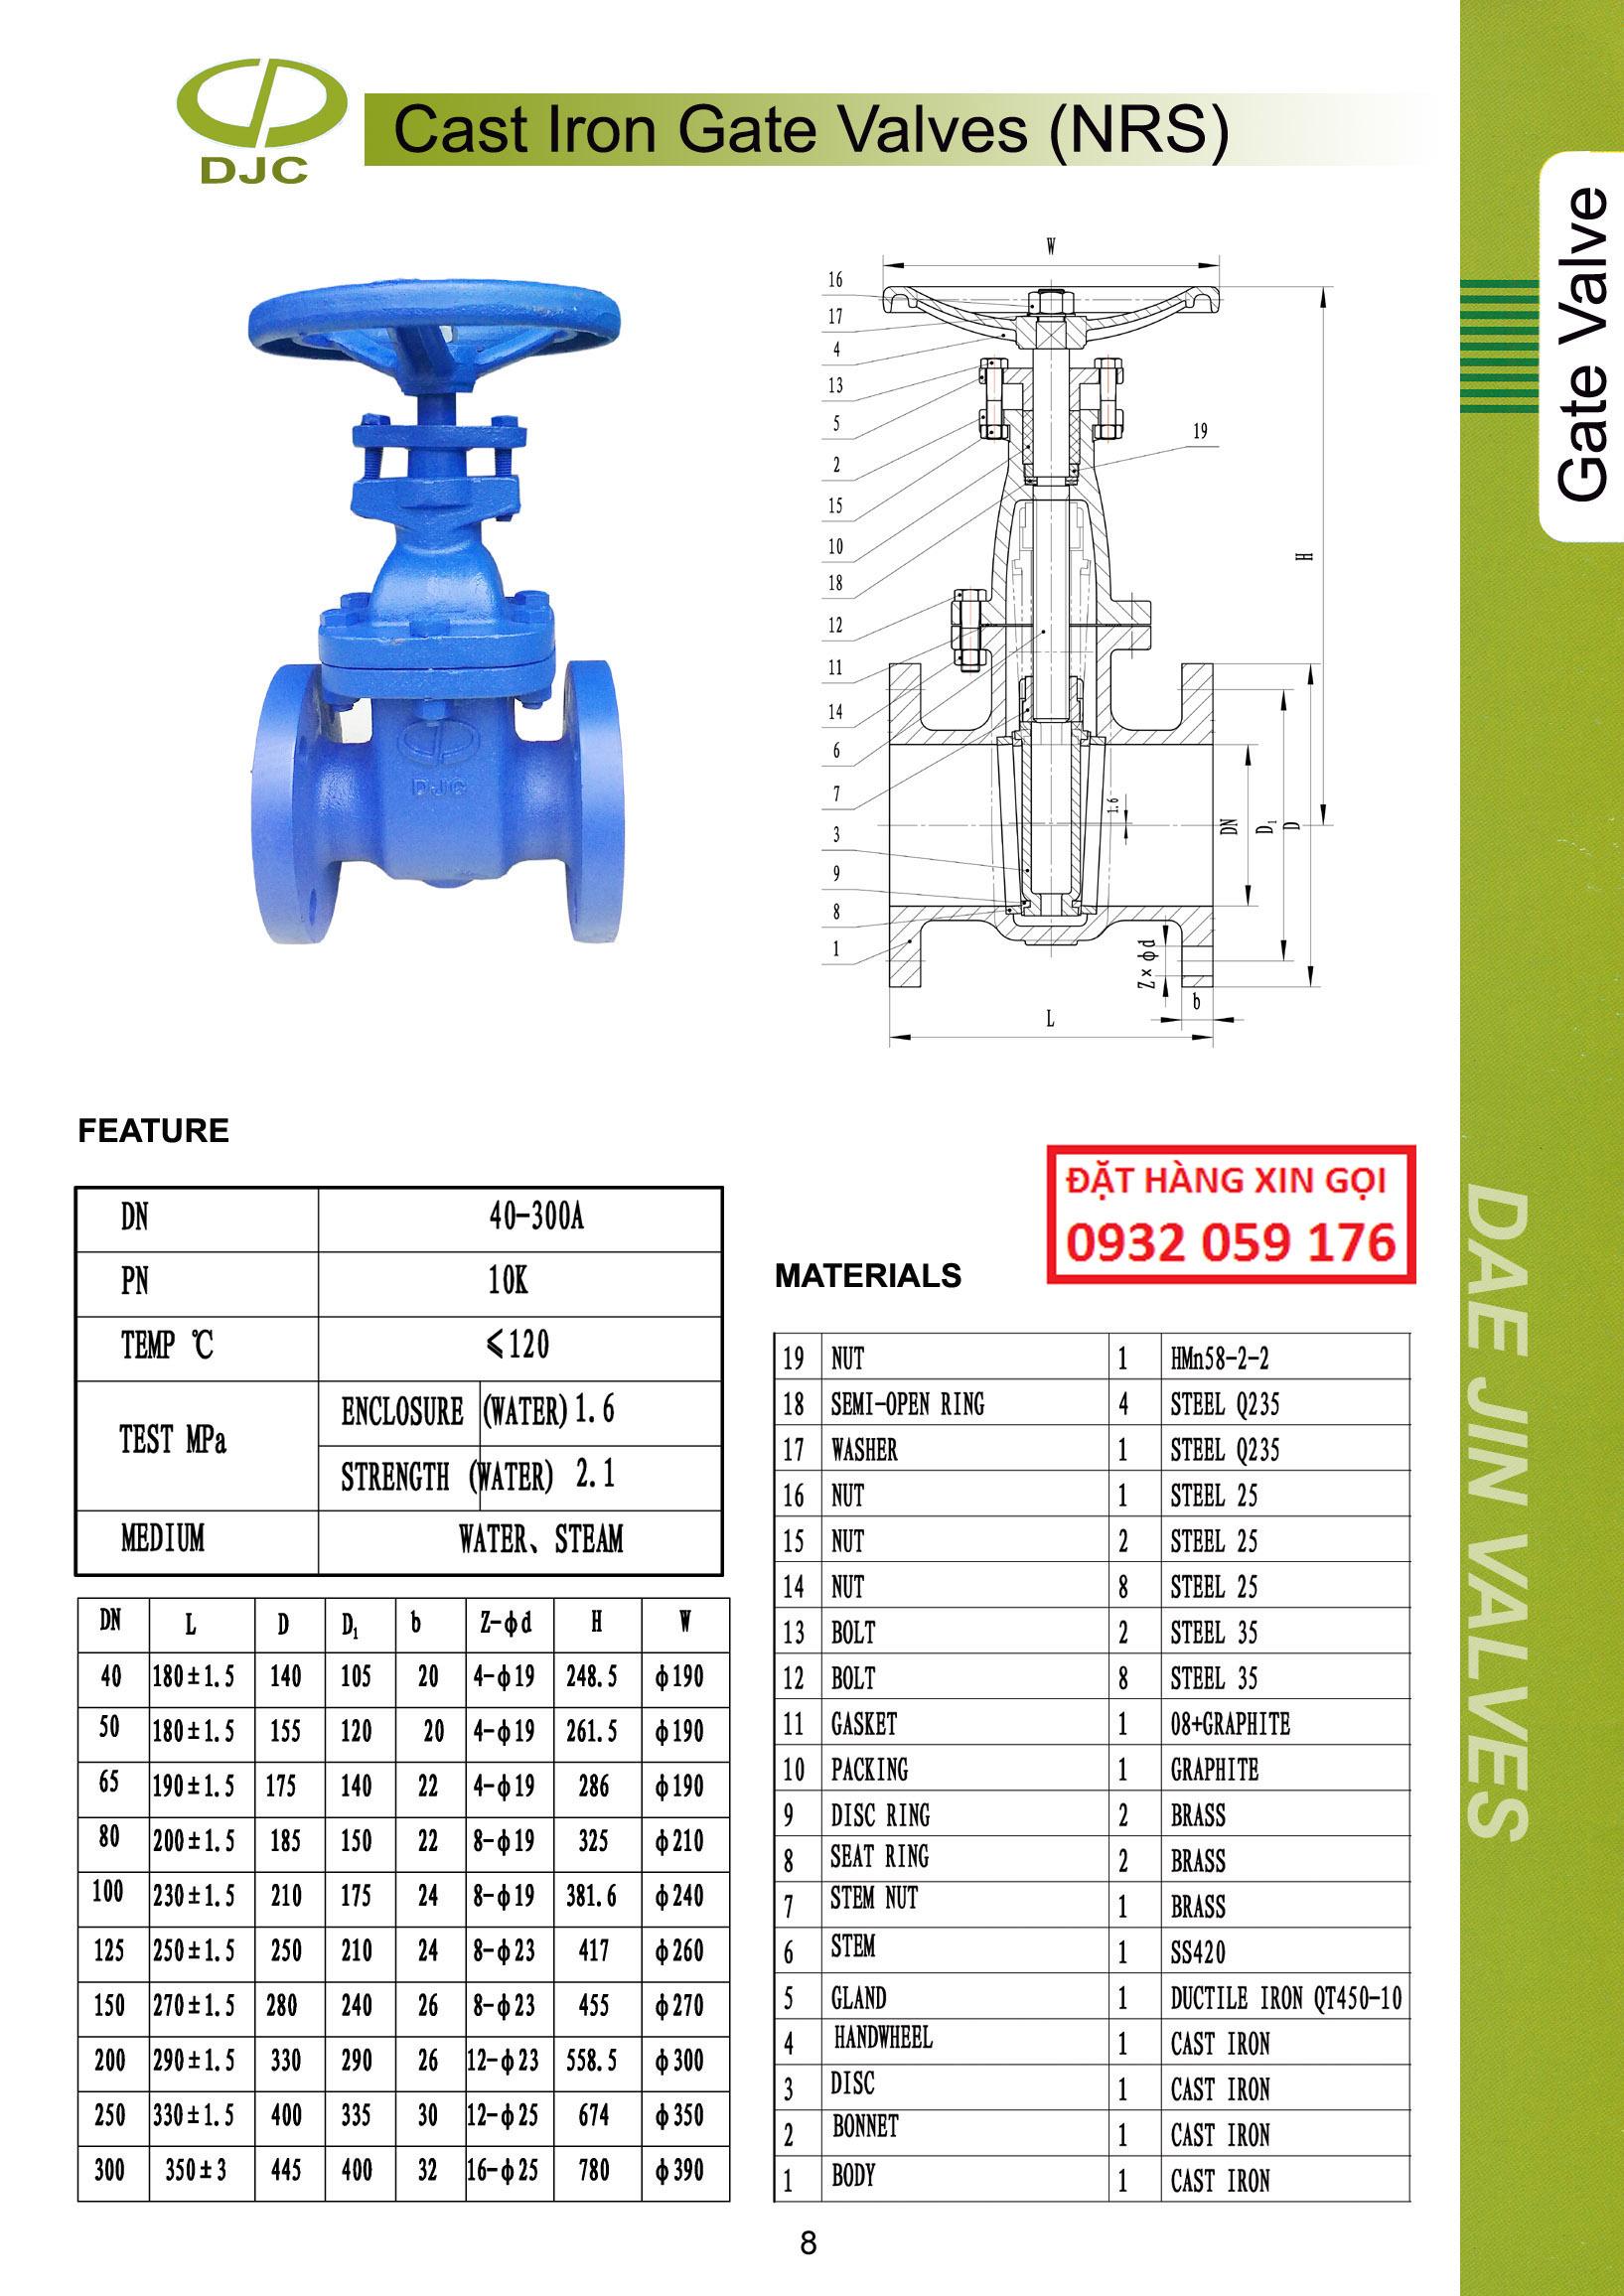 thông số kỹ thuật van cửa ty chìm, cast iron gate valves Daejin (Korea)